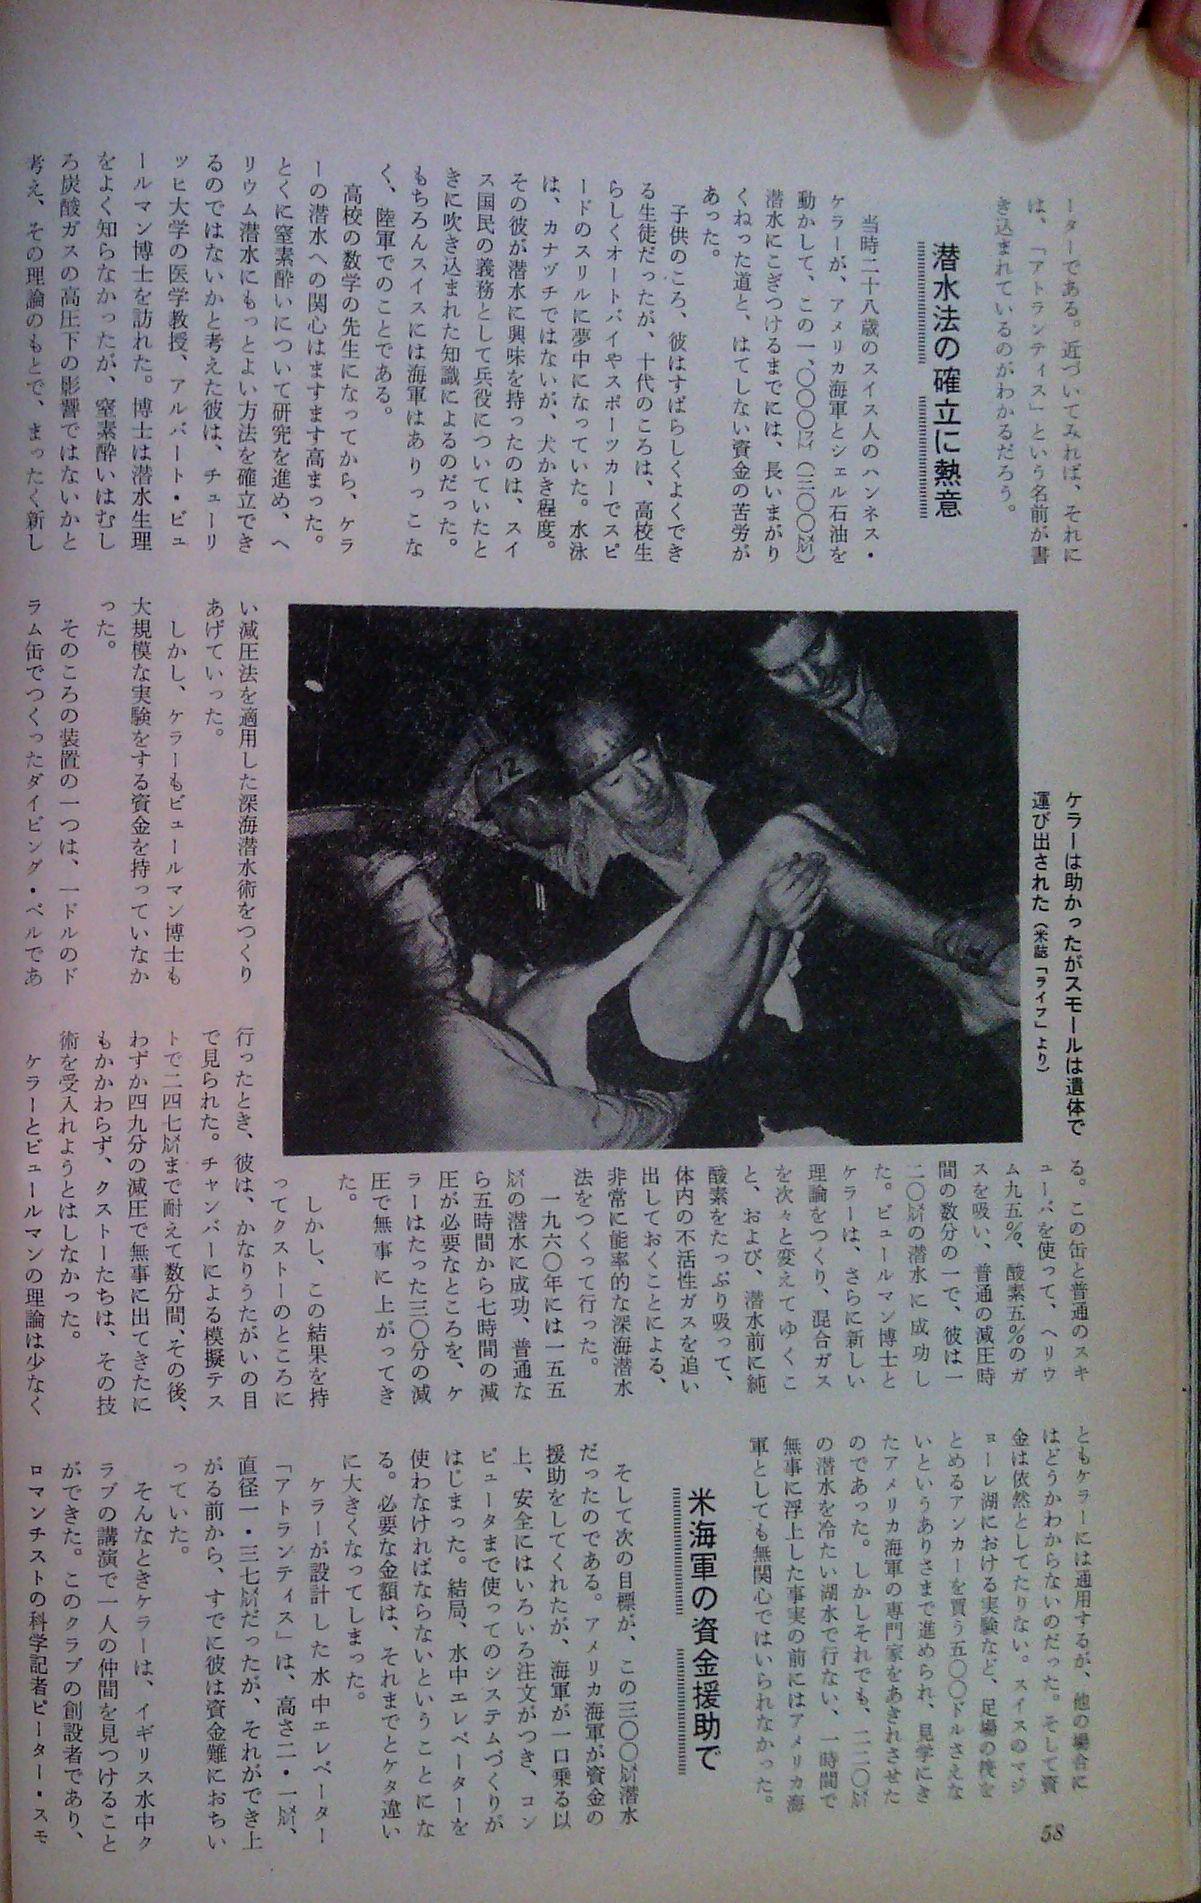 0329  ダイビングの歴史61 海の世界1973-1_b0075059_15072304.jpg